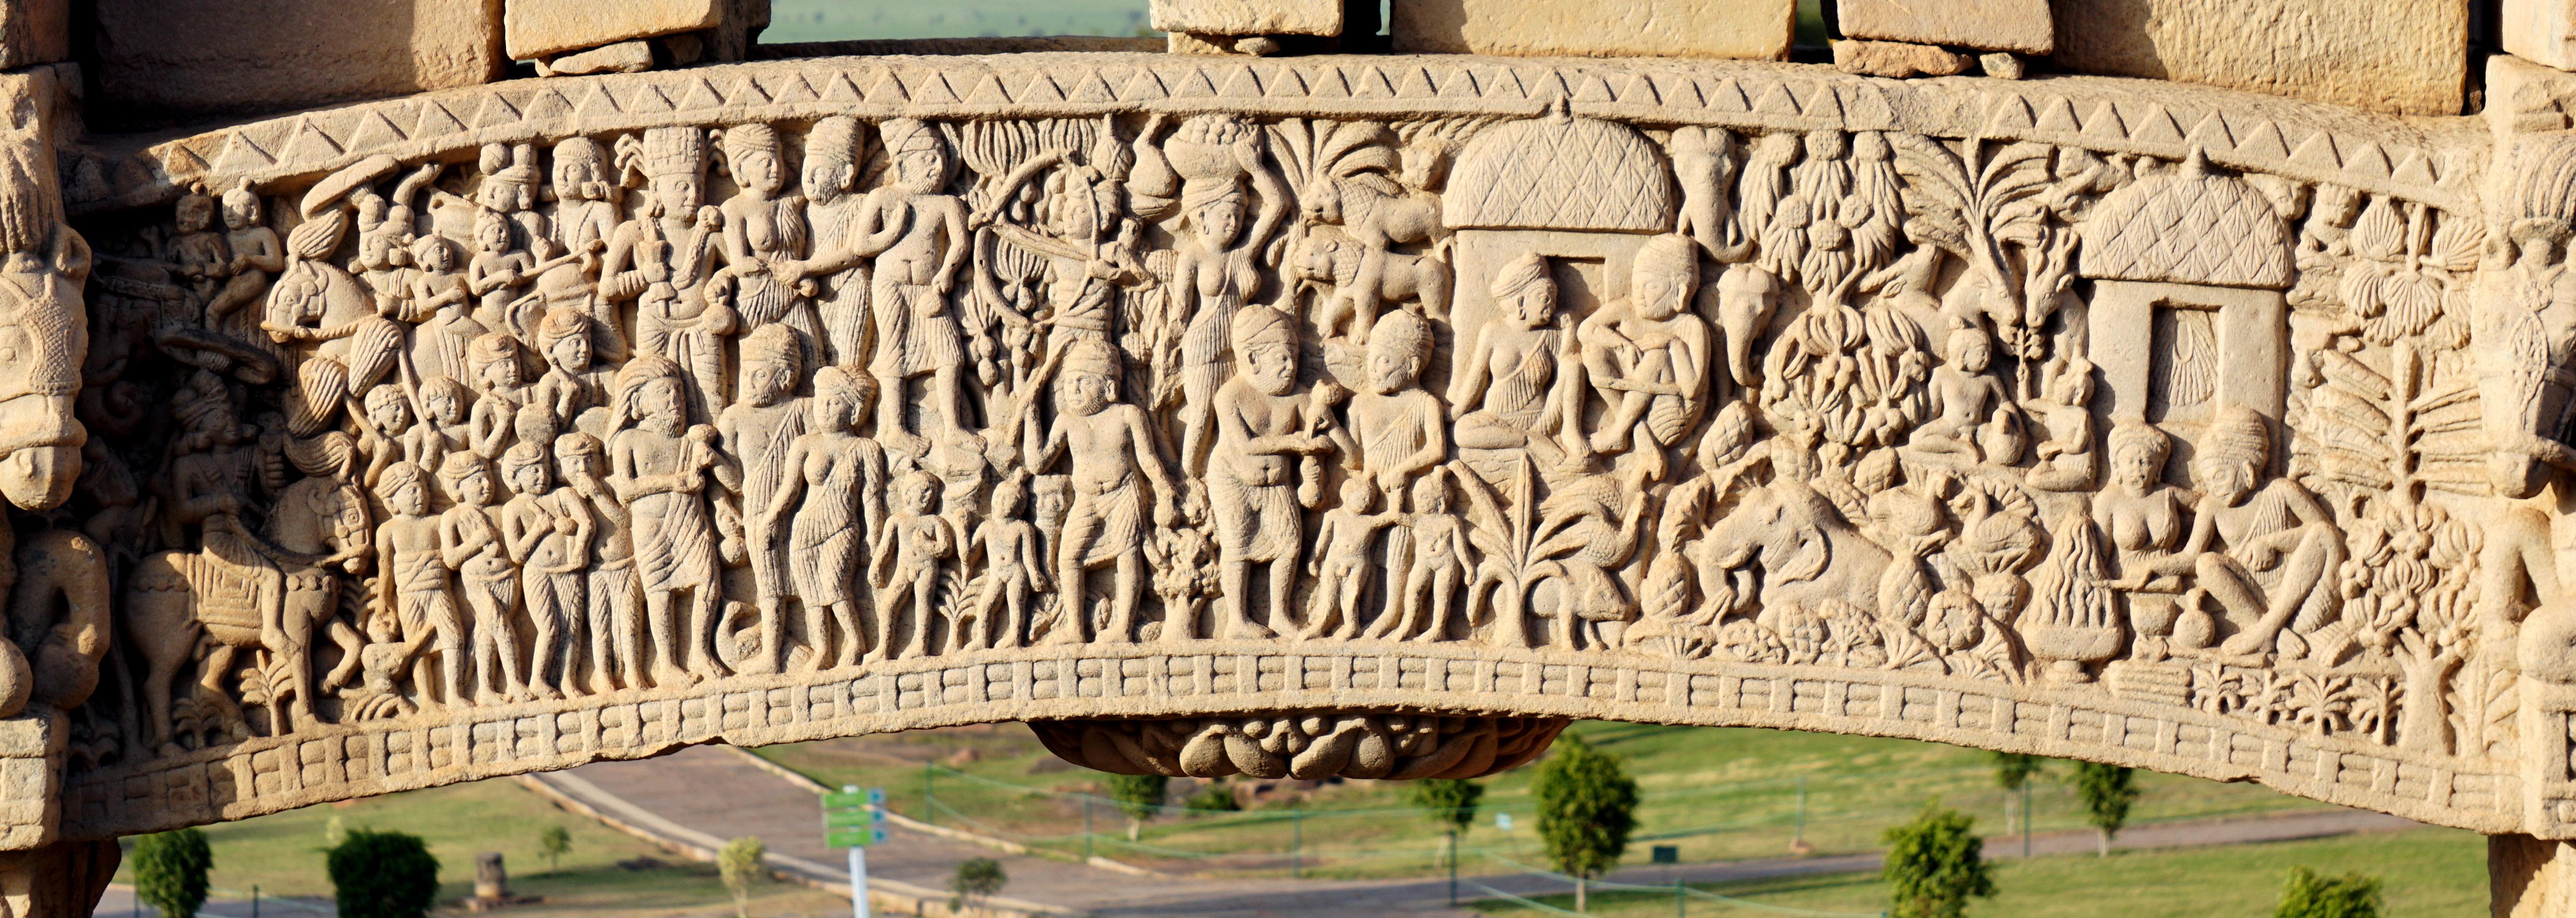 North Gate of Stupa no. 1 at Sanchi, Madhya Pradesh